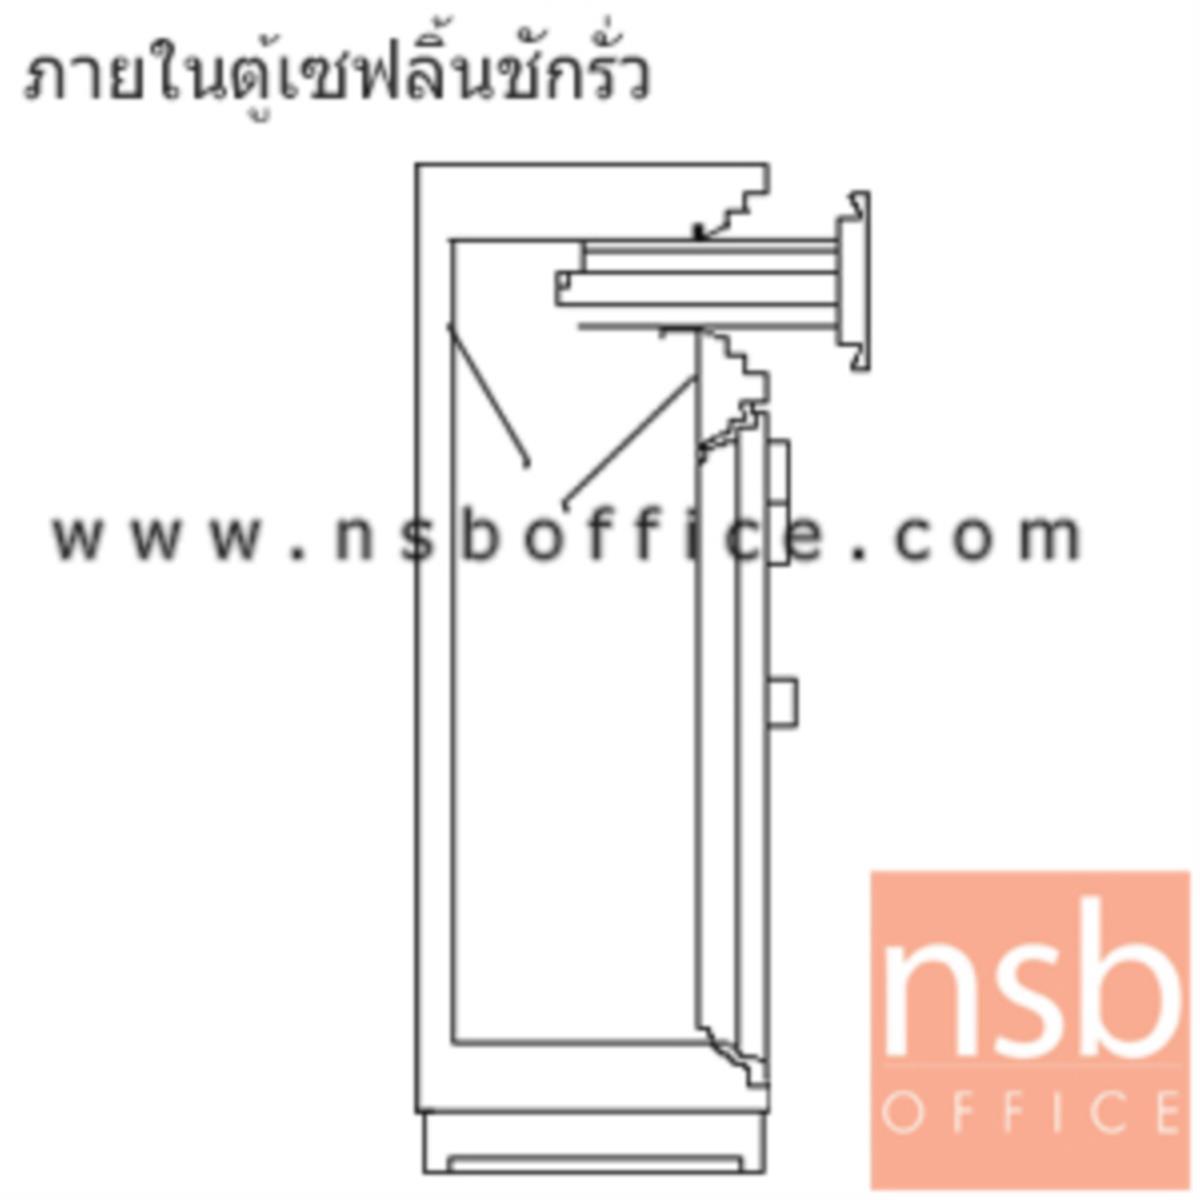 ตู้เซฟแคชเชียร์ 165 กก. รุ่น PRESIDENT-ND150 มี 2 กุญแจ 1 รหัส พร้อมลิ้นชักแยก